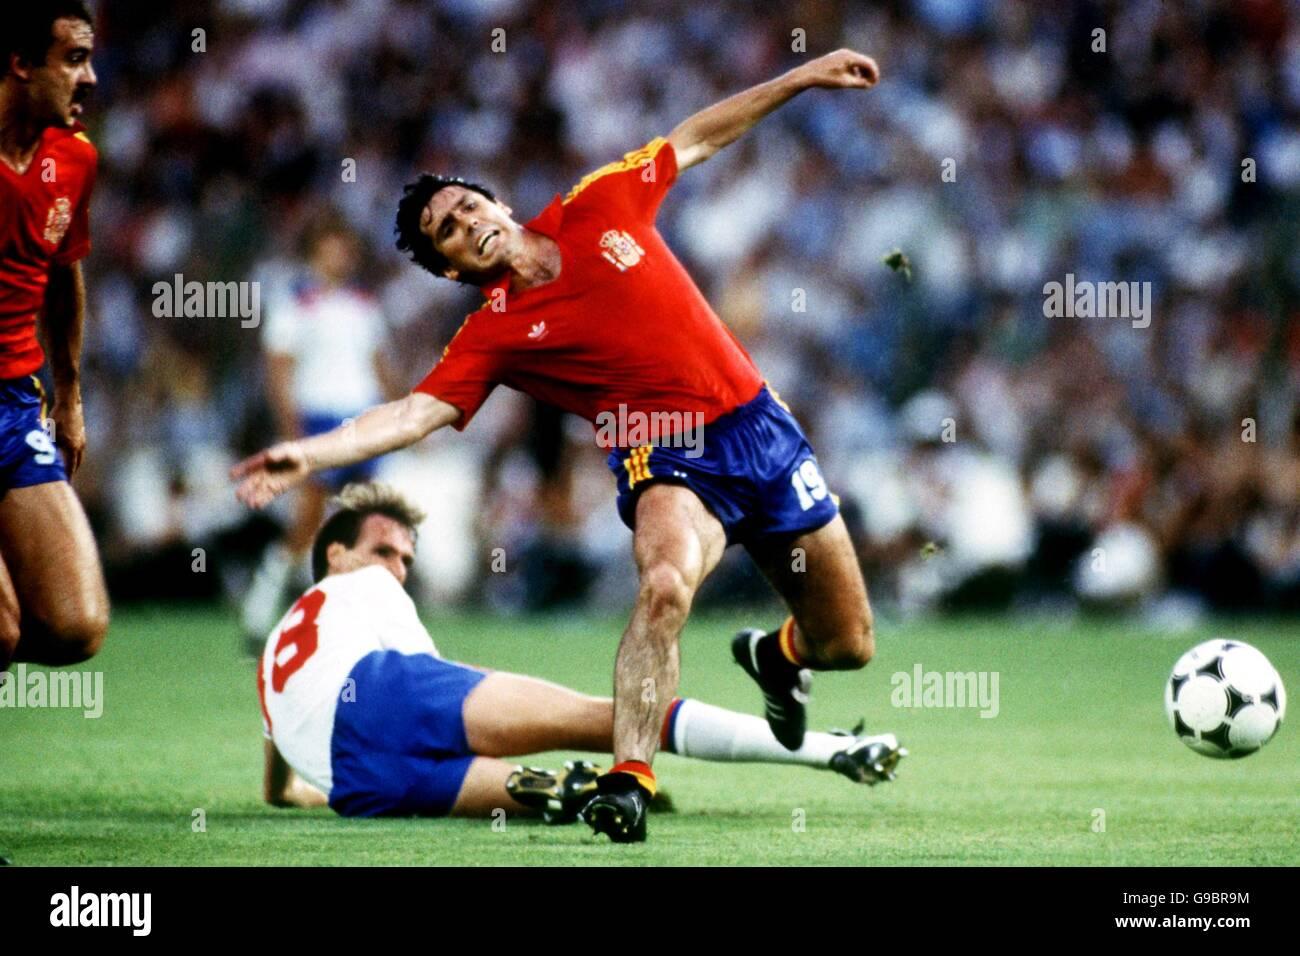 Soccer World Cup Spain 82 Group B England v Spain Stock